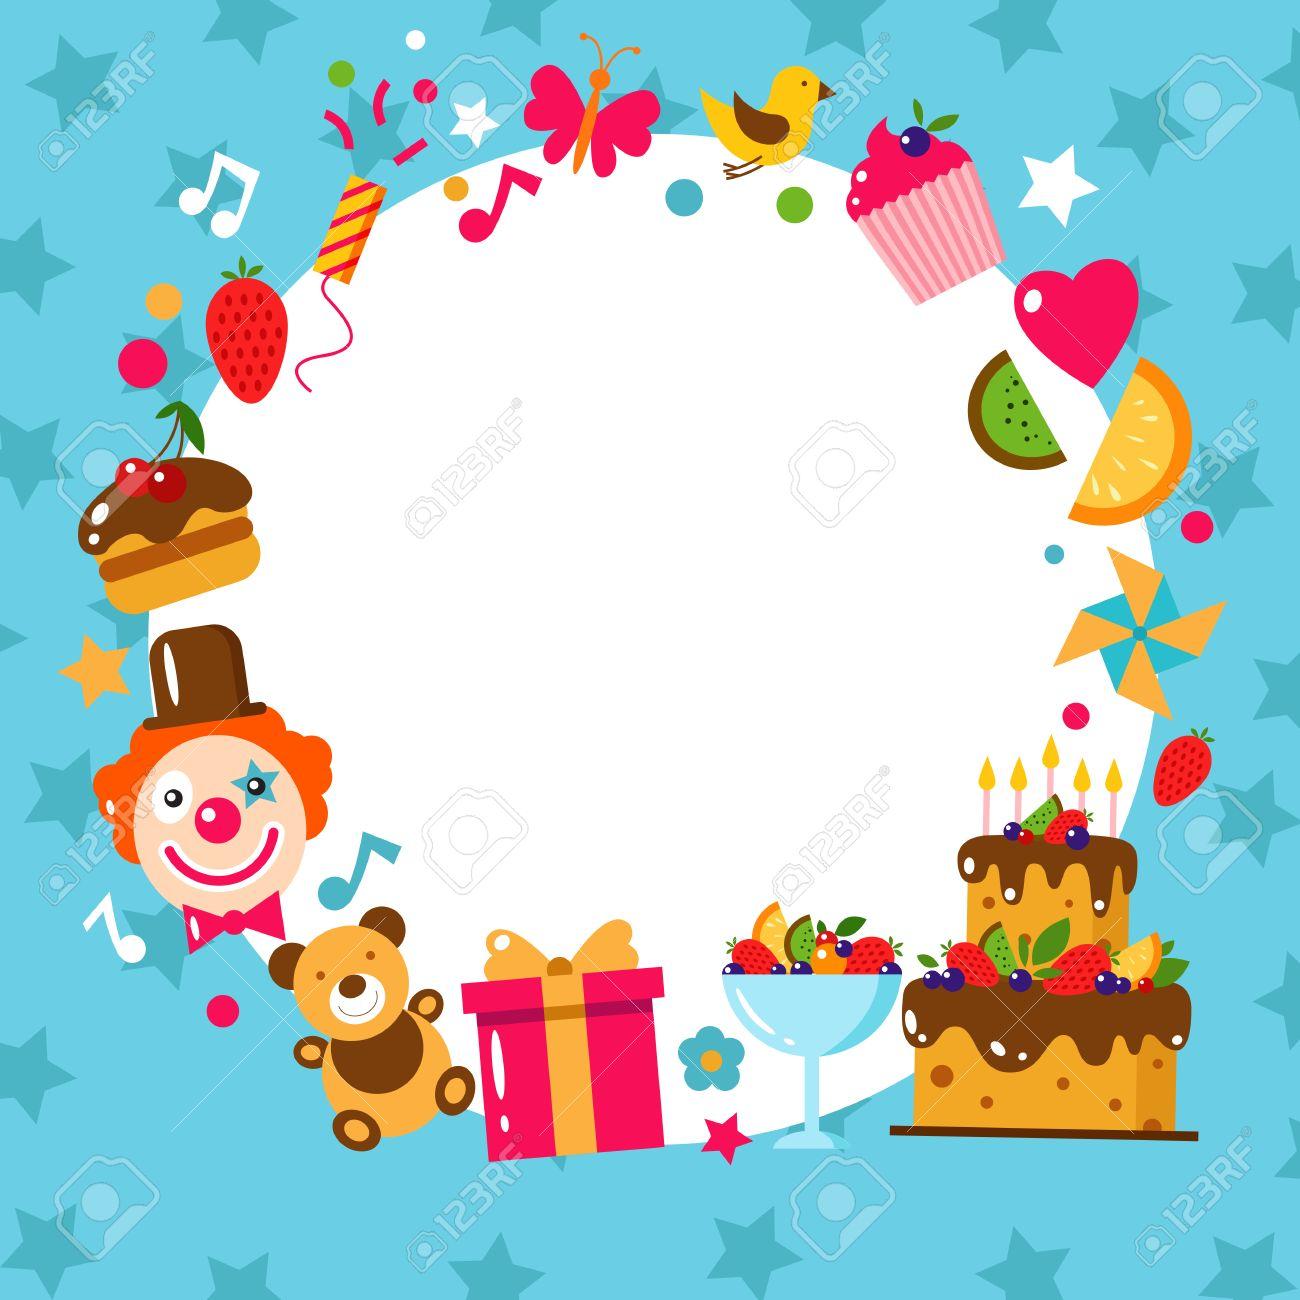 Kids Birthday Photo Frame - Page 7 - Frame Design & Reviews ✓